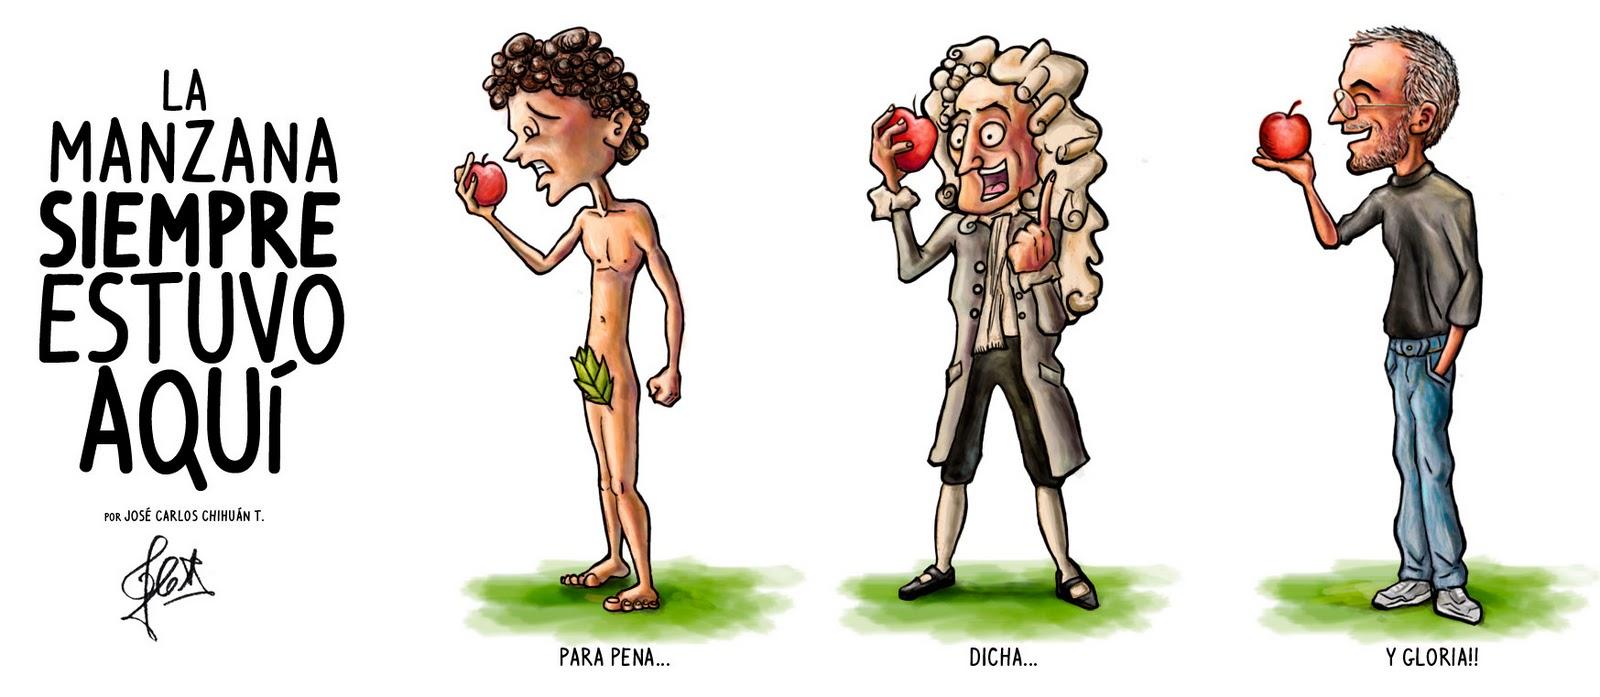 Artistas Graficos Peru Artistas Ilustradores La fruta predilecta